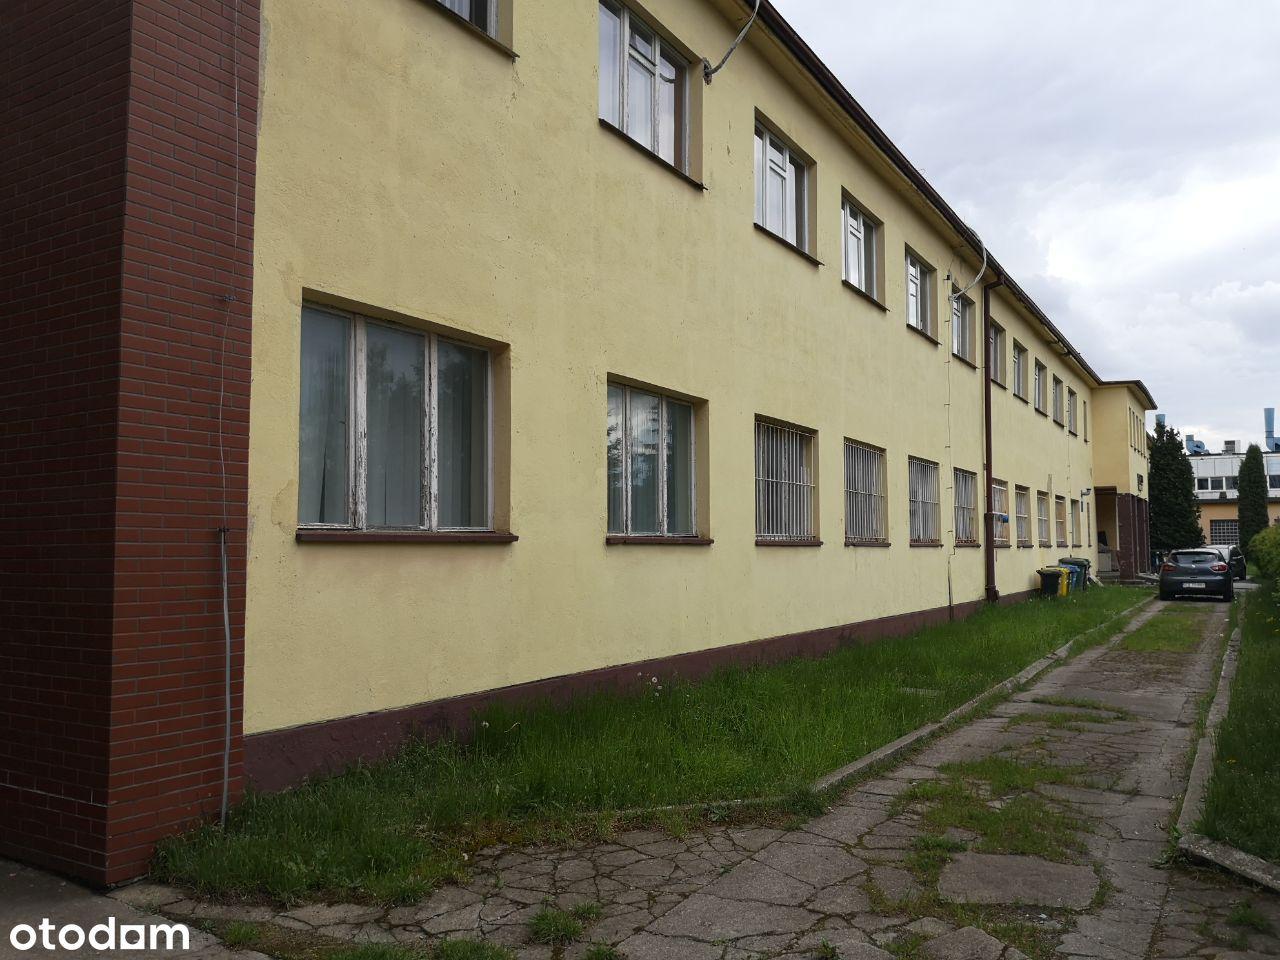 Budynek z najemcami w strategicznej lokalizacji